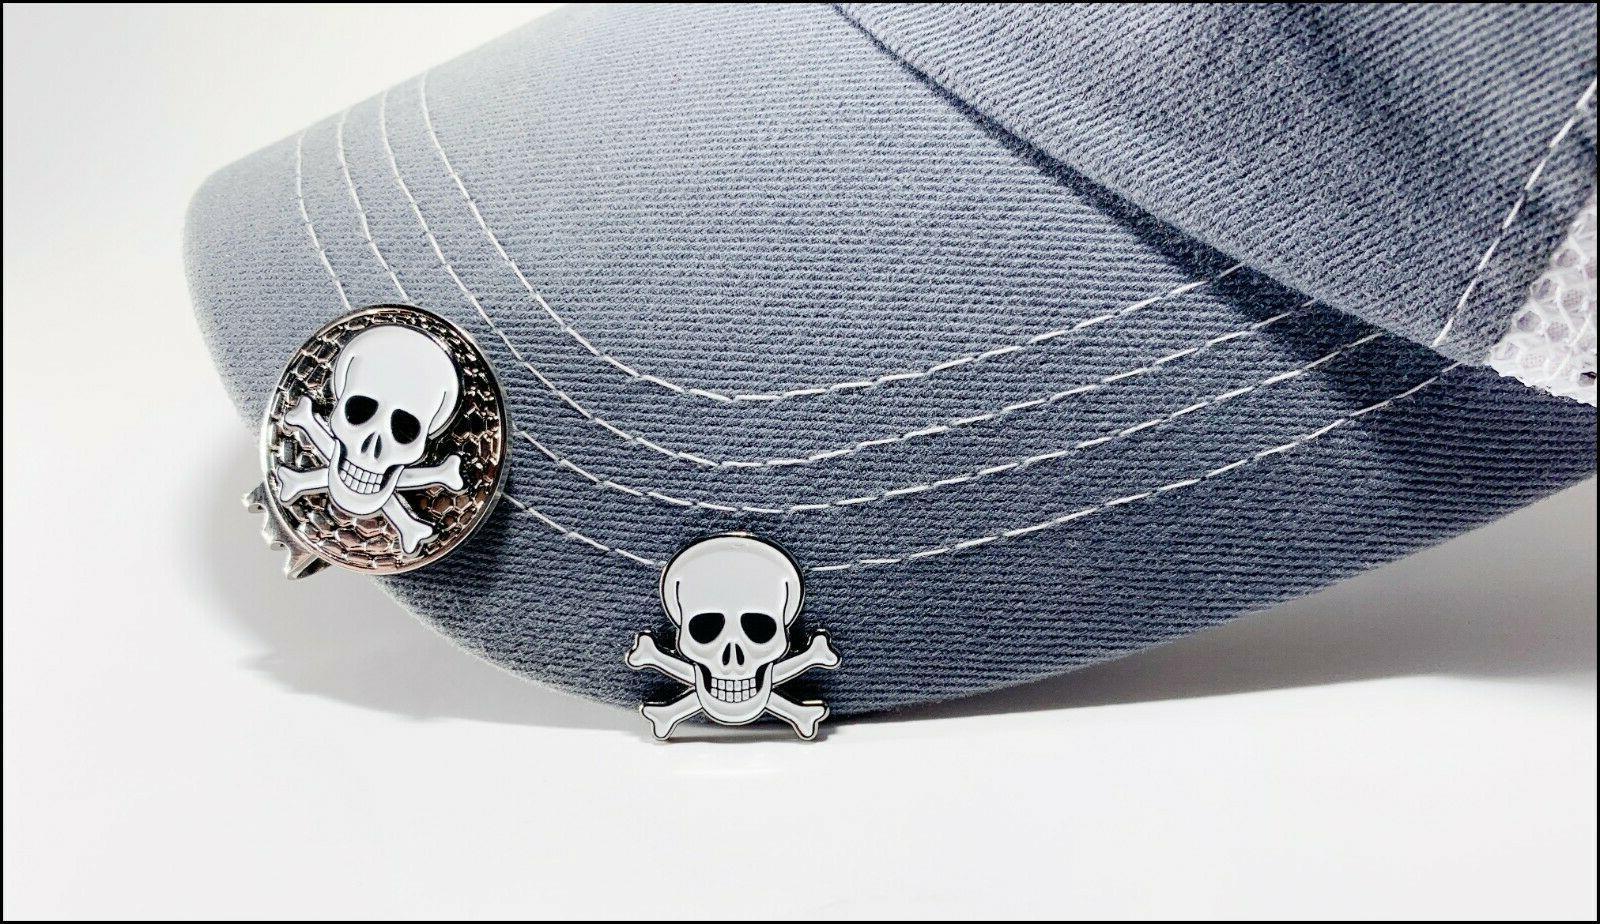 skull and crossbones golf ball marker 2